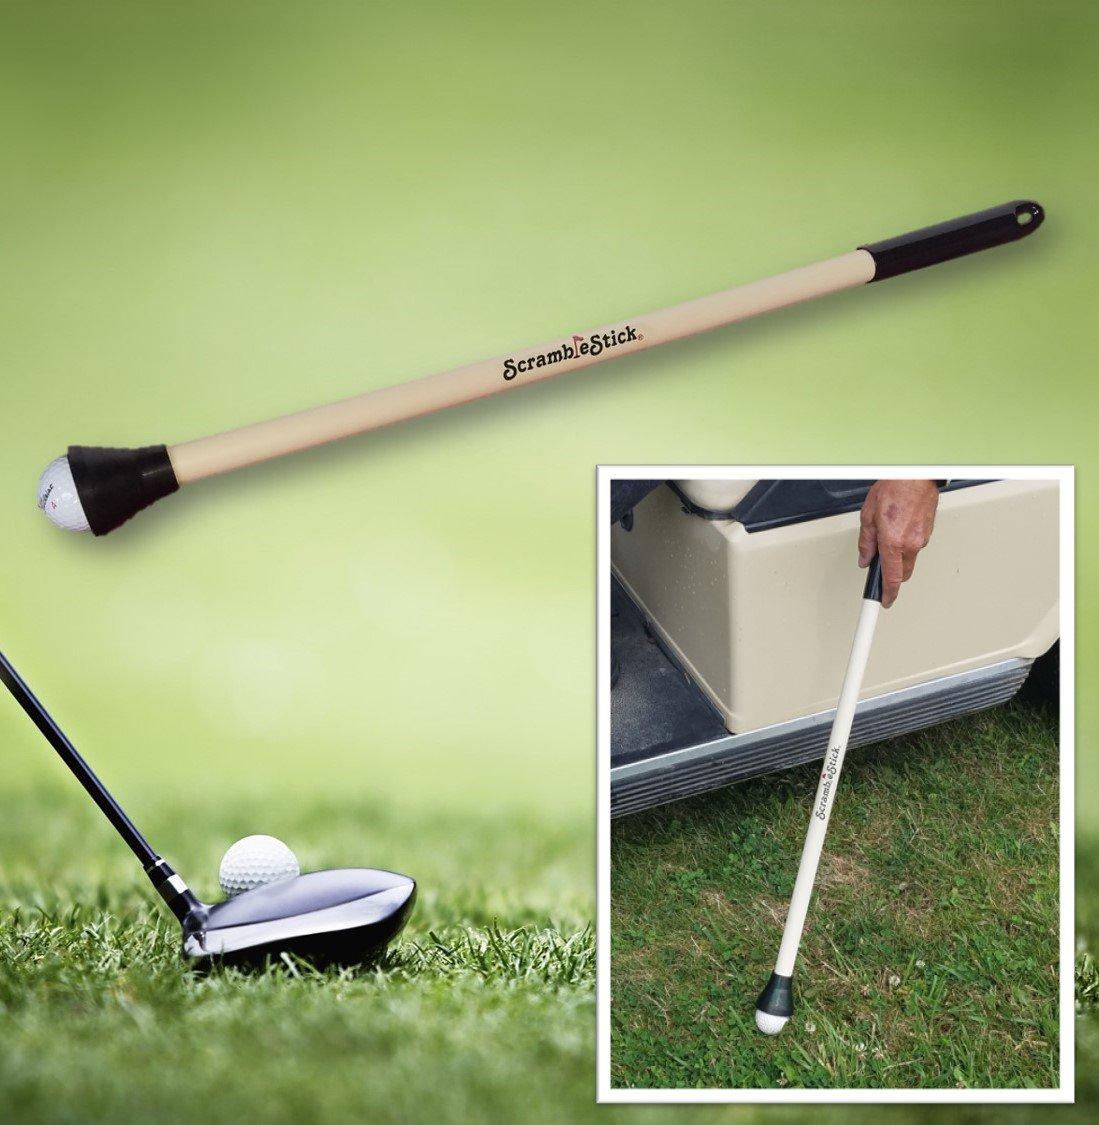 ScrambleStick The Original Golf Ball Retriever, Designed for Scramble Golf, 26-Inch